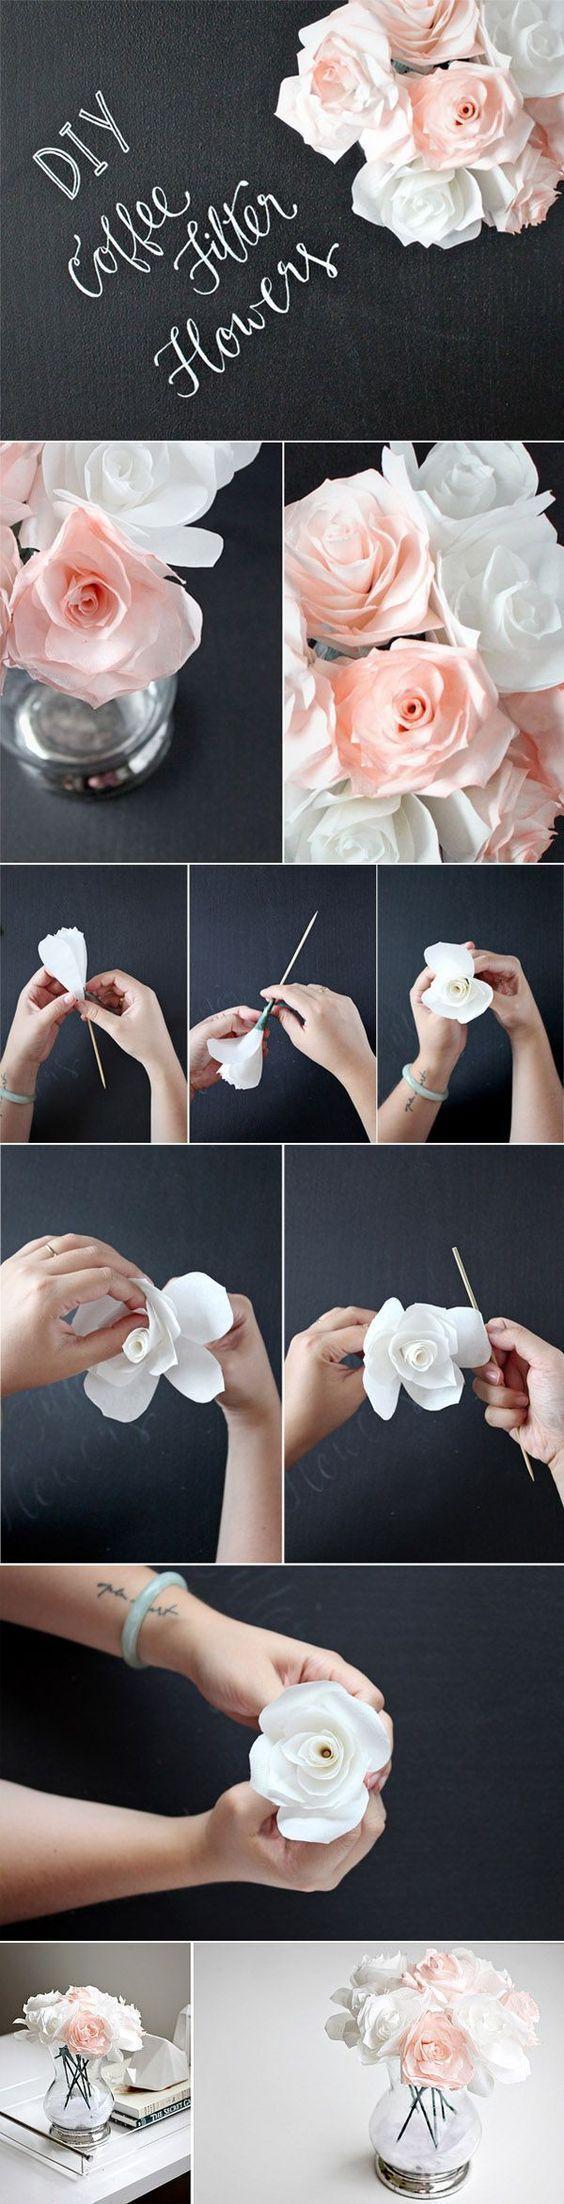 diy wedding centerpieces on a budget diy wedding wedding